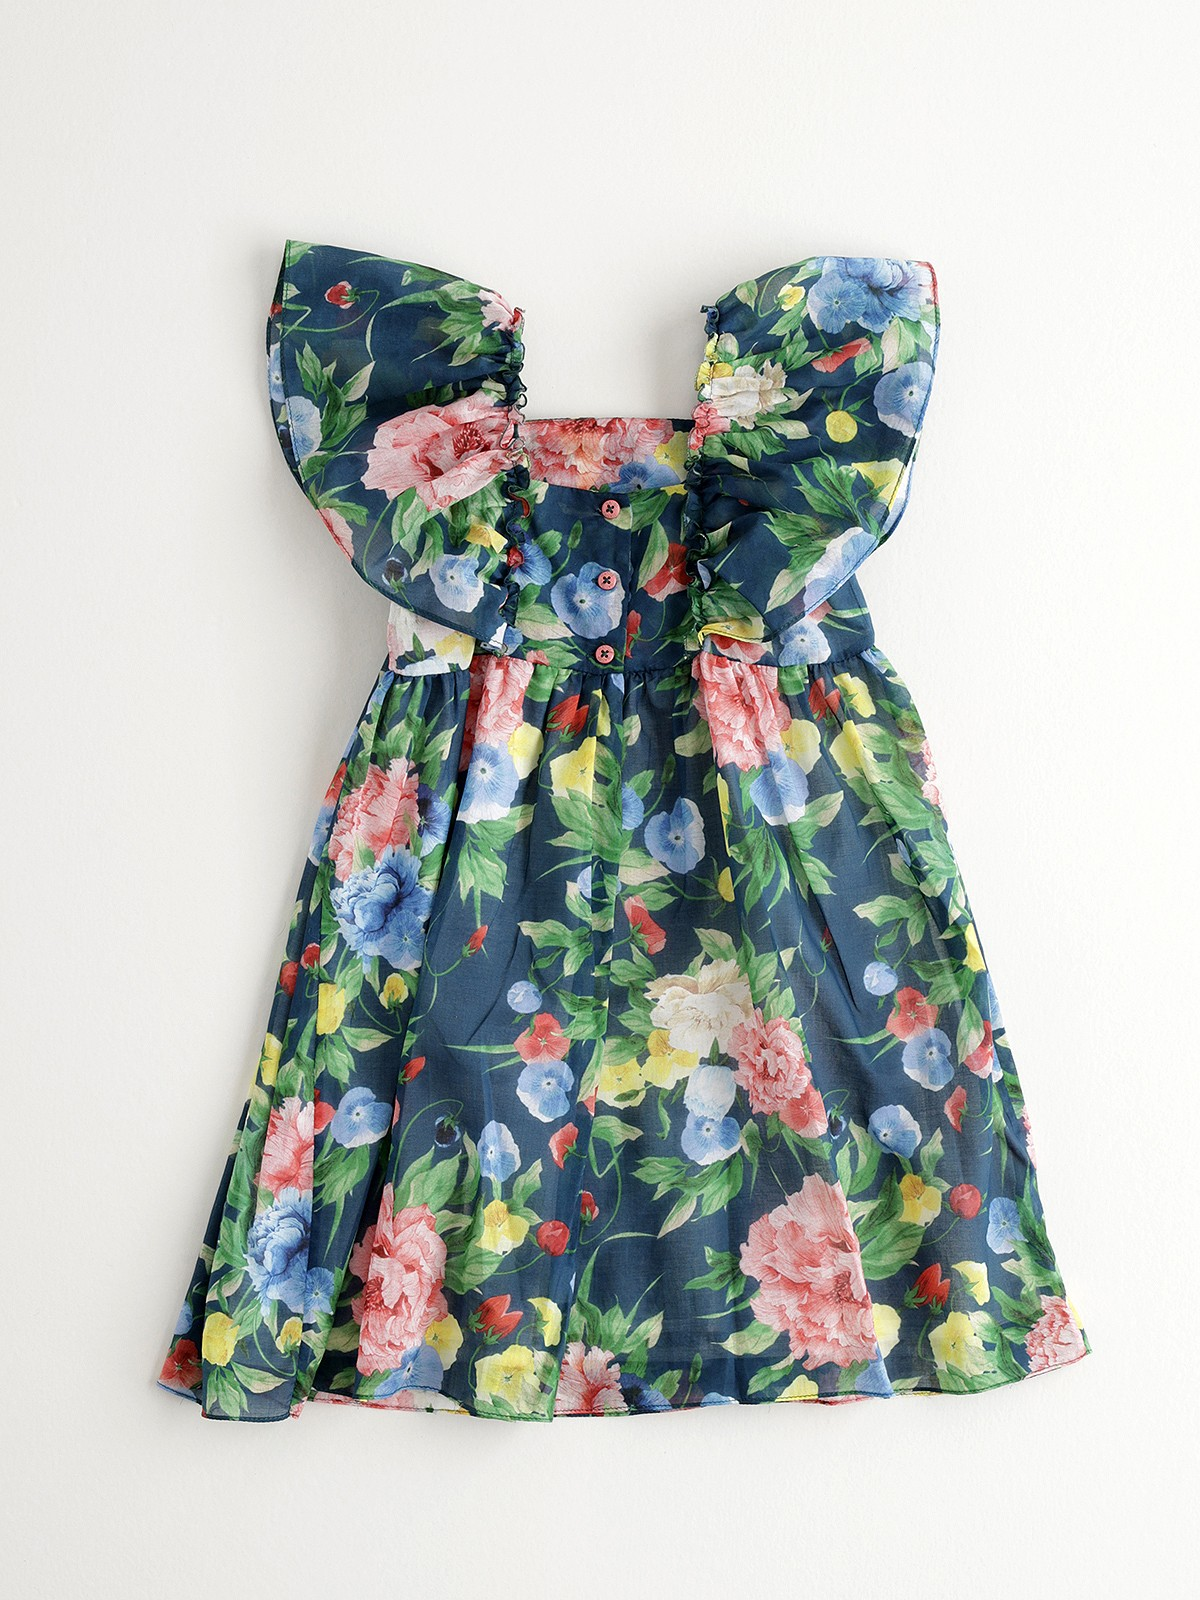 NANOS 藍色花卉洋裝